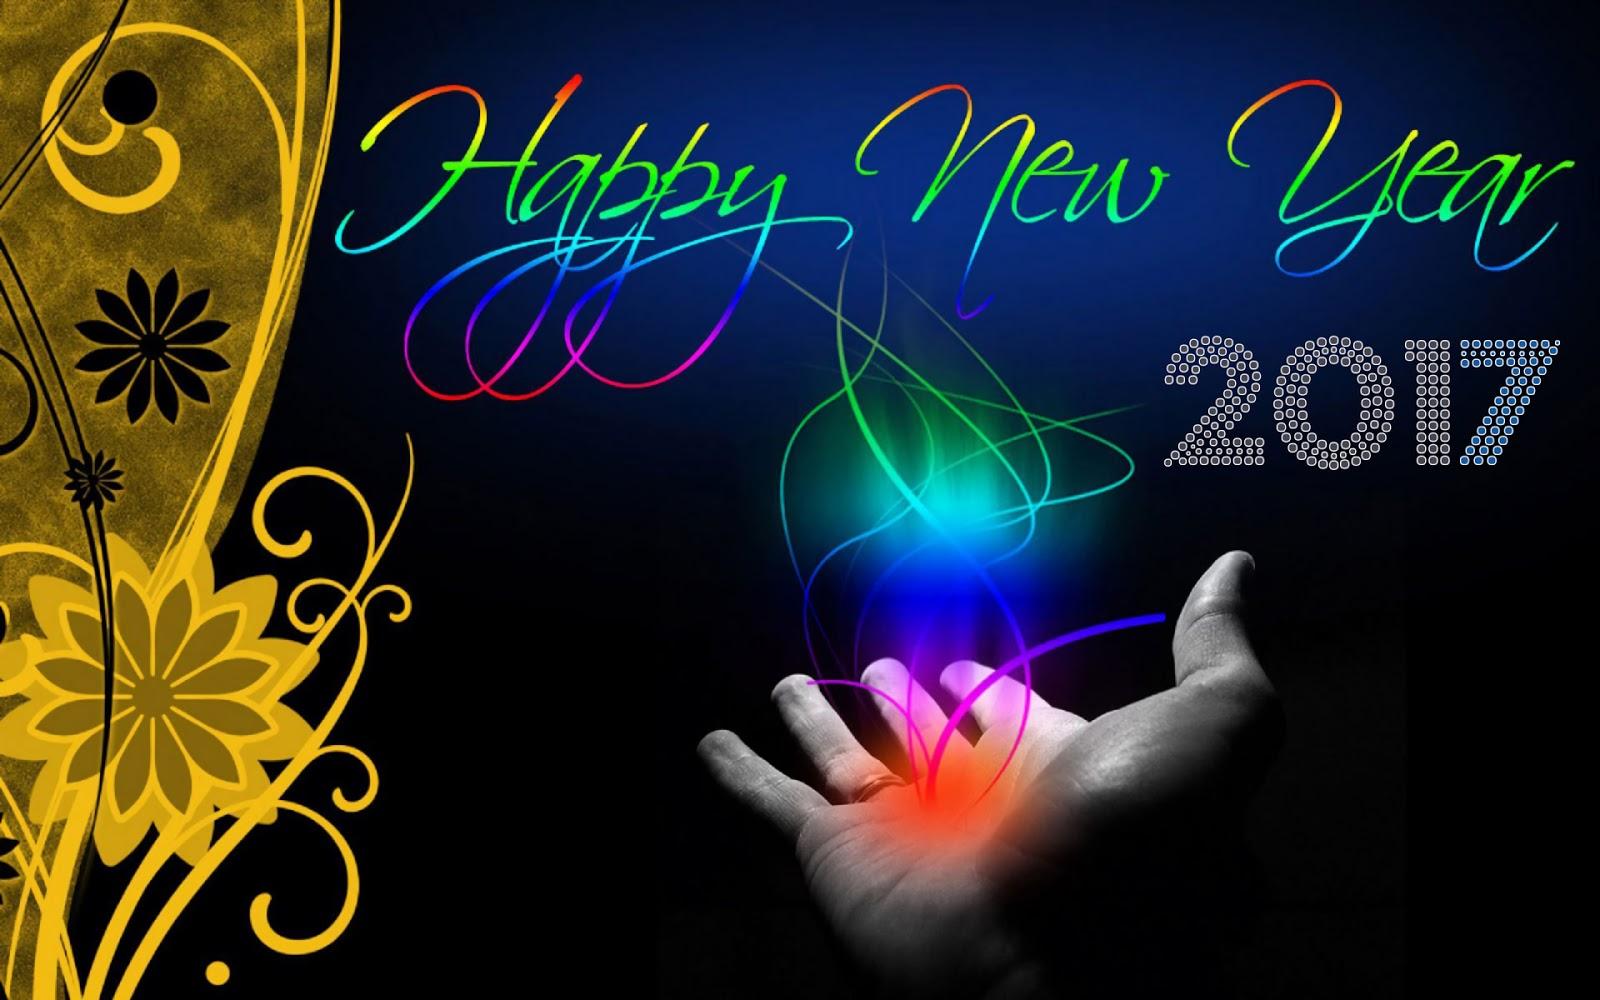 Hình nền tết 2017 đẹp chào đón năm mới - hình 17